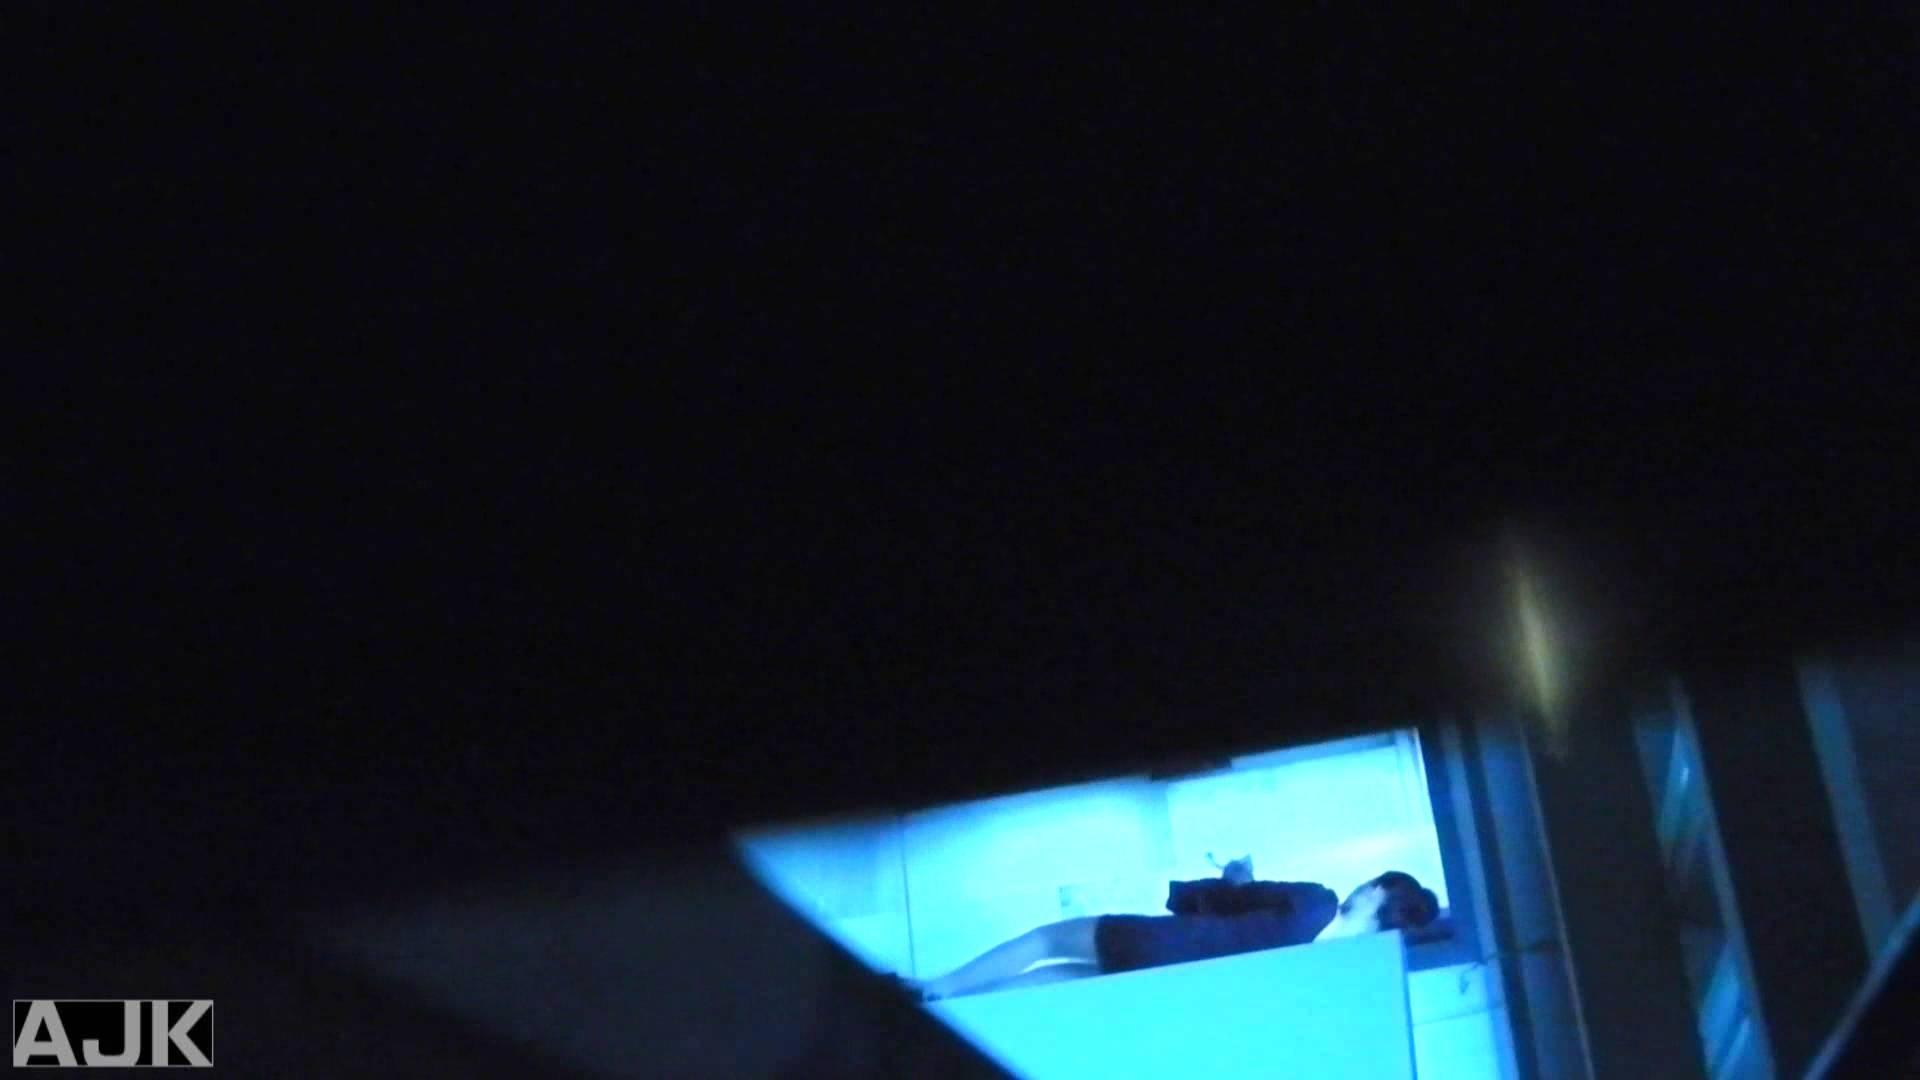 神降臨!史上最強の潜入かわや! vol.22 オマンコ秘宝館 濡れ場動画紹介 56連発 40